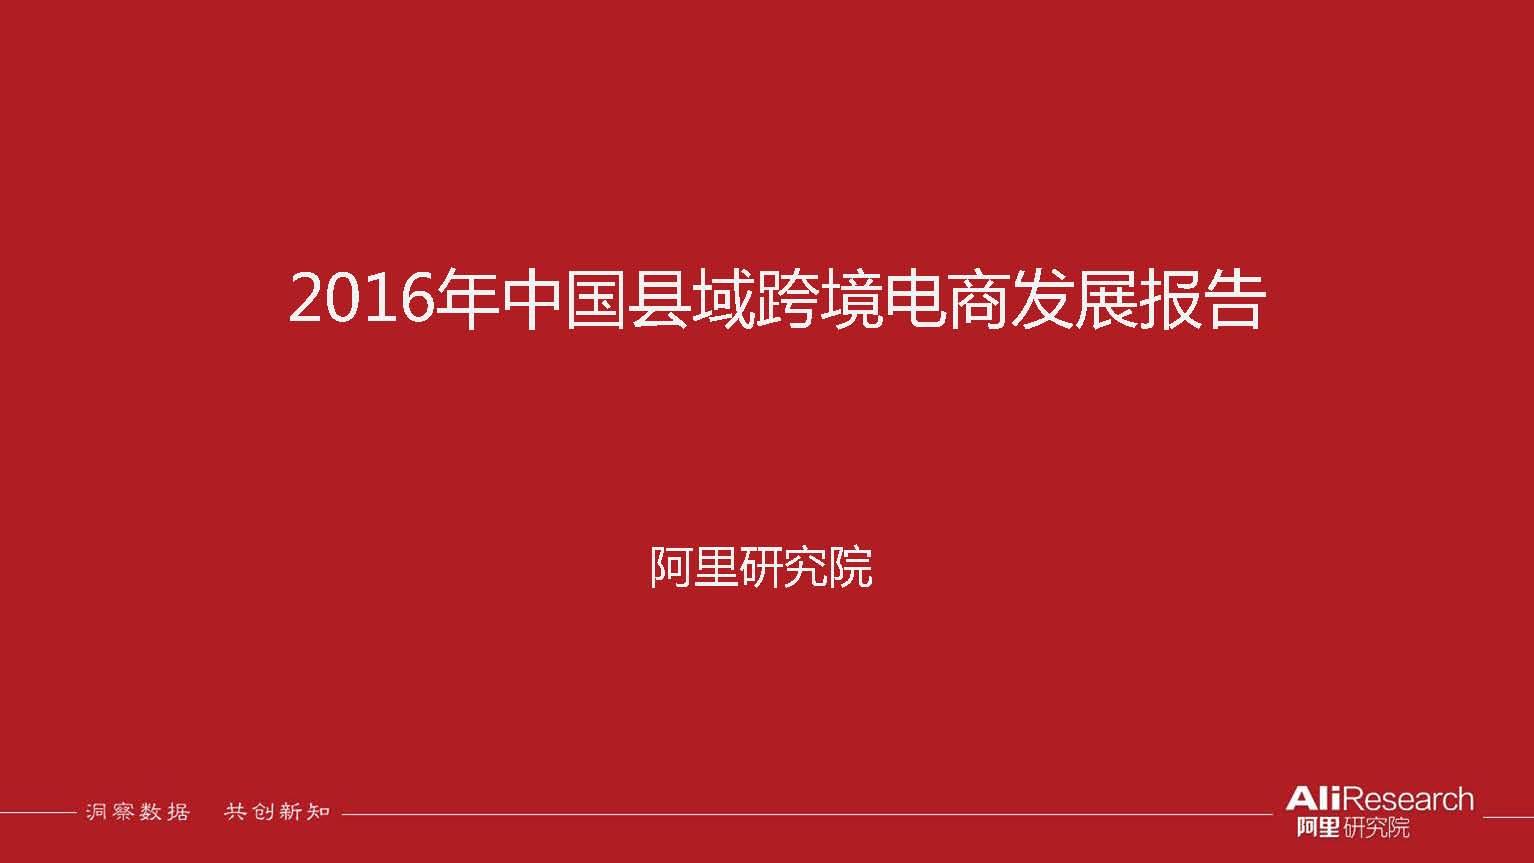 【免费报告】2016年中国县域跨境电商发展报告(阿里研究院)